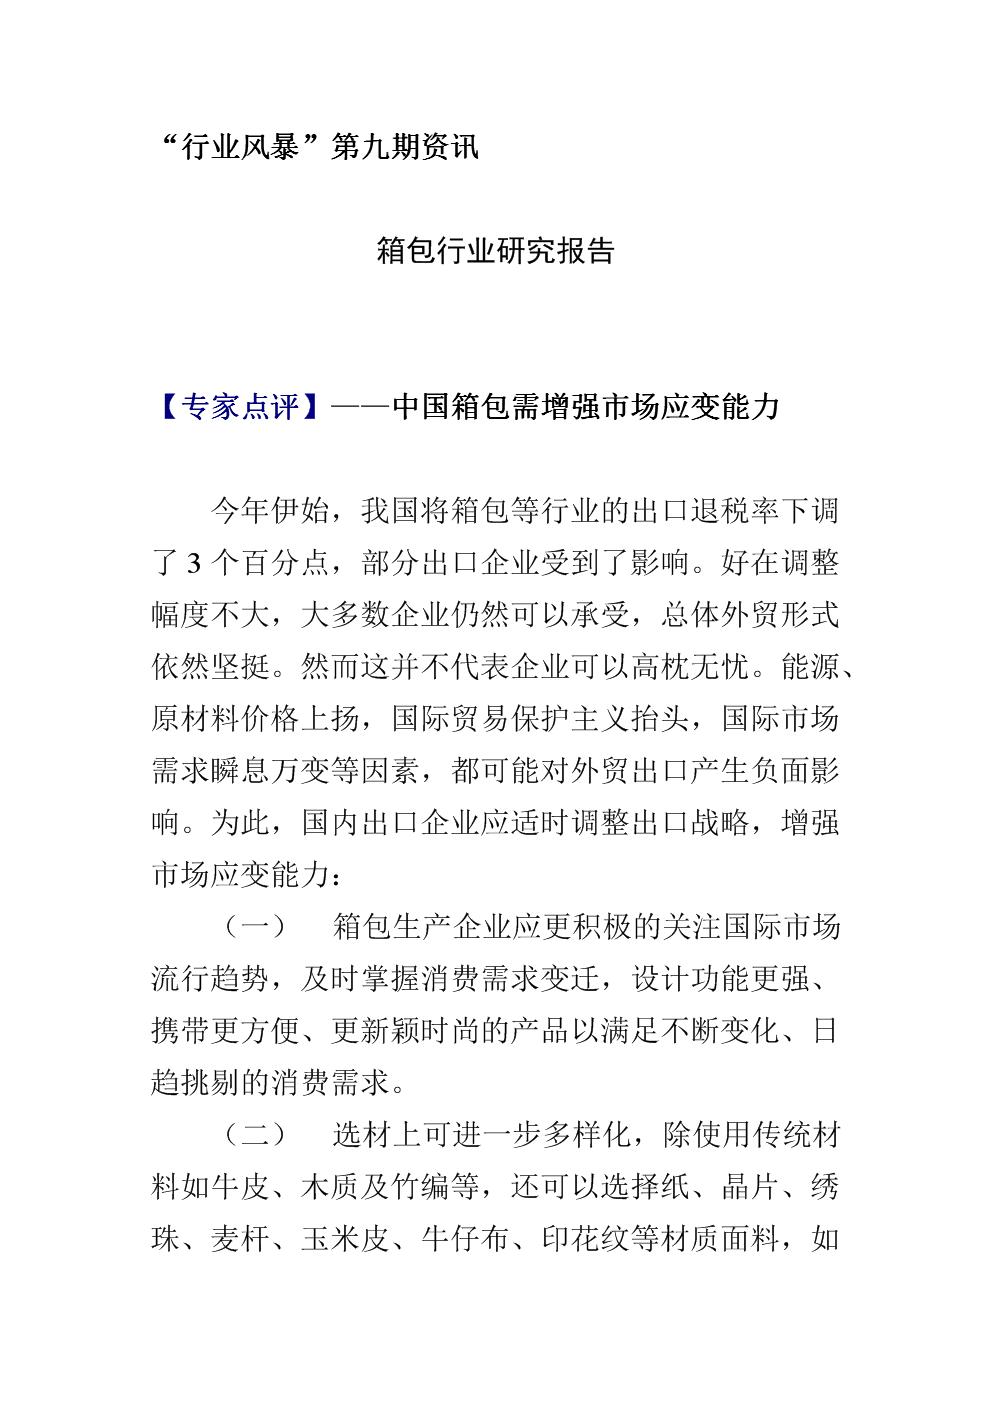 关于箱包行业研究报告.doc